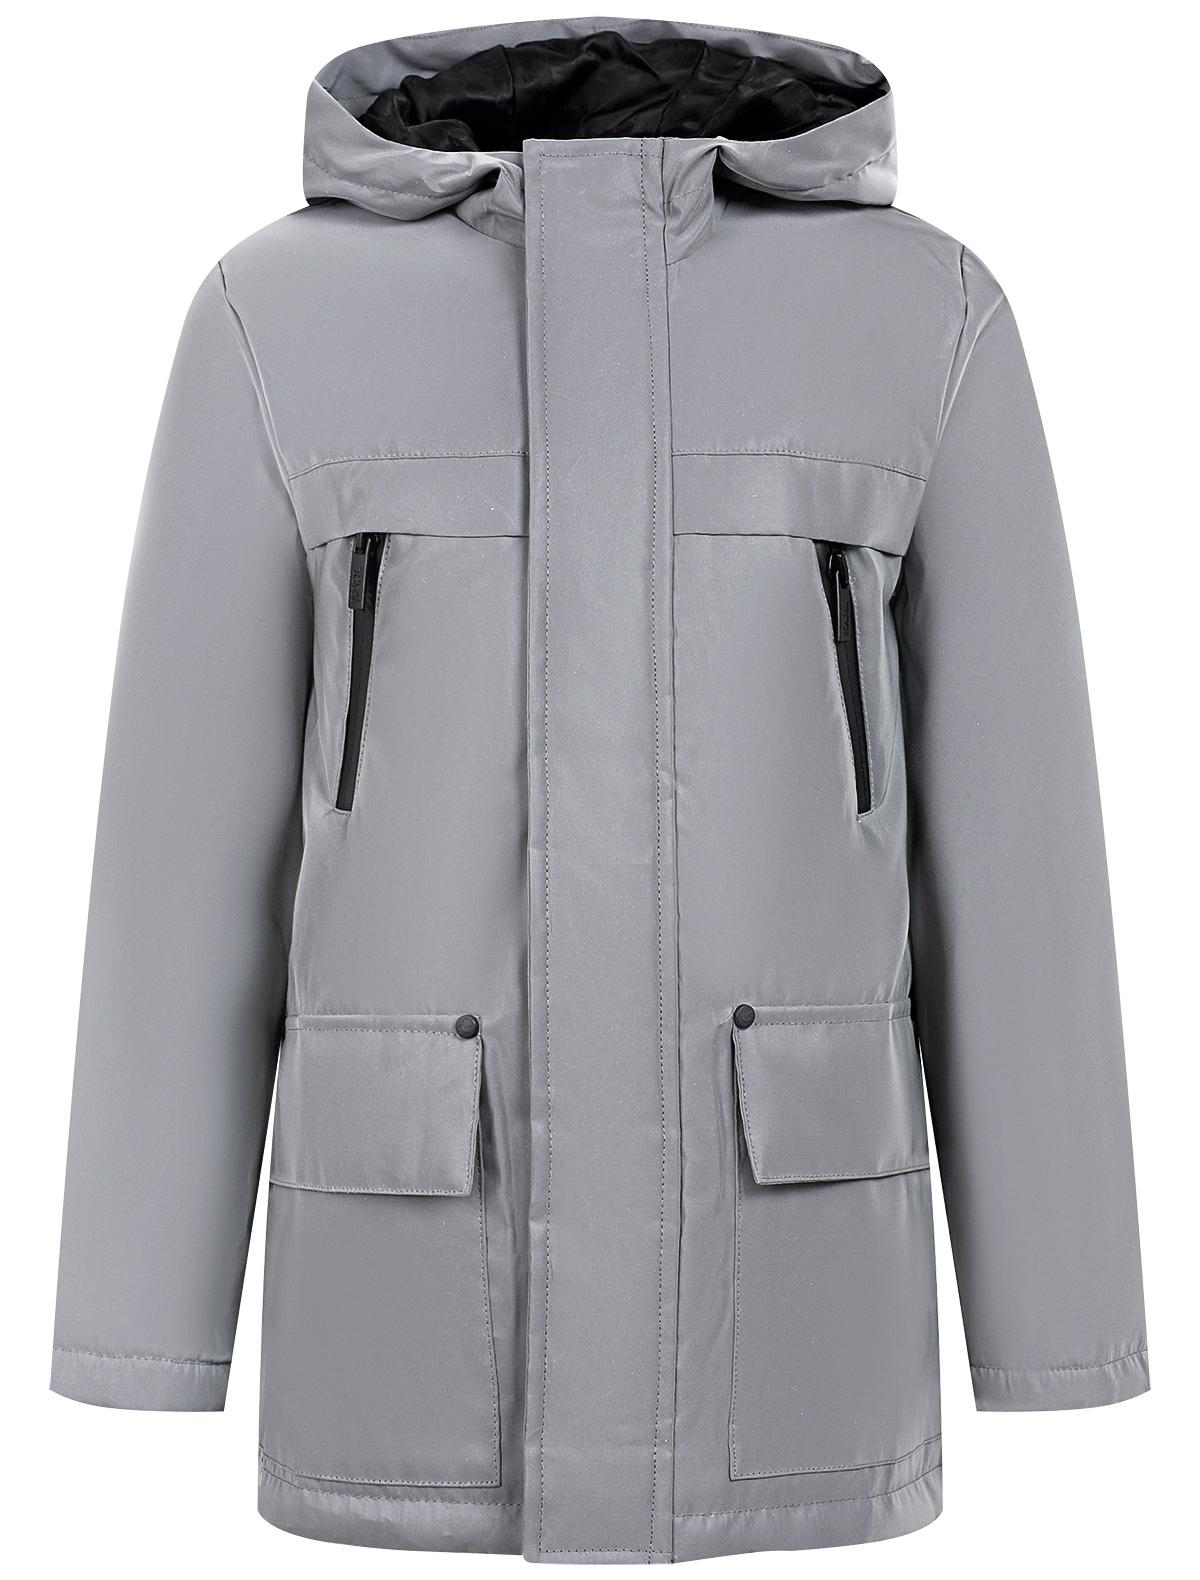 Куртка KARL LAGERFELD серого цвета